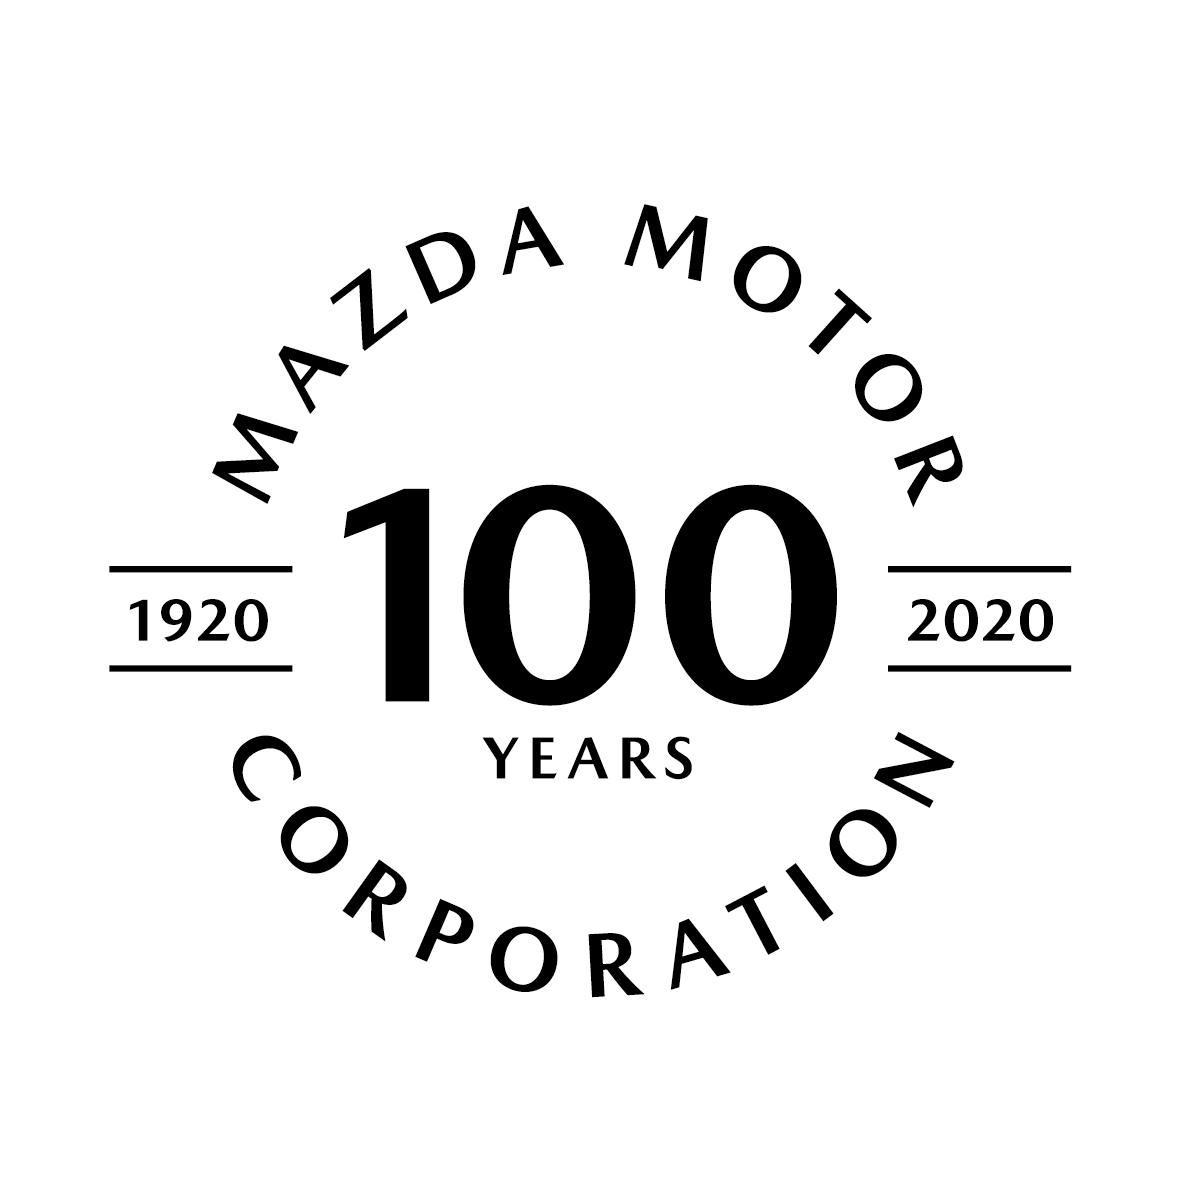 マツダ 100 周年